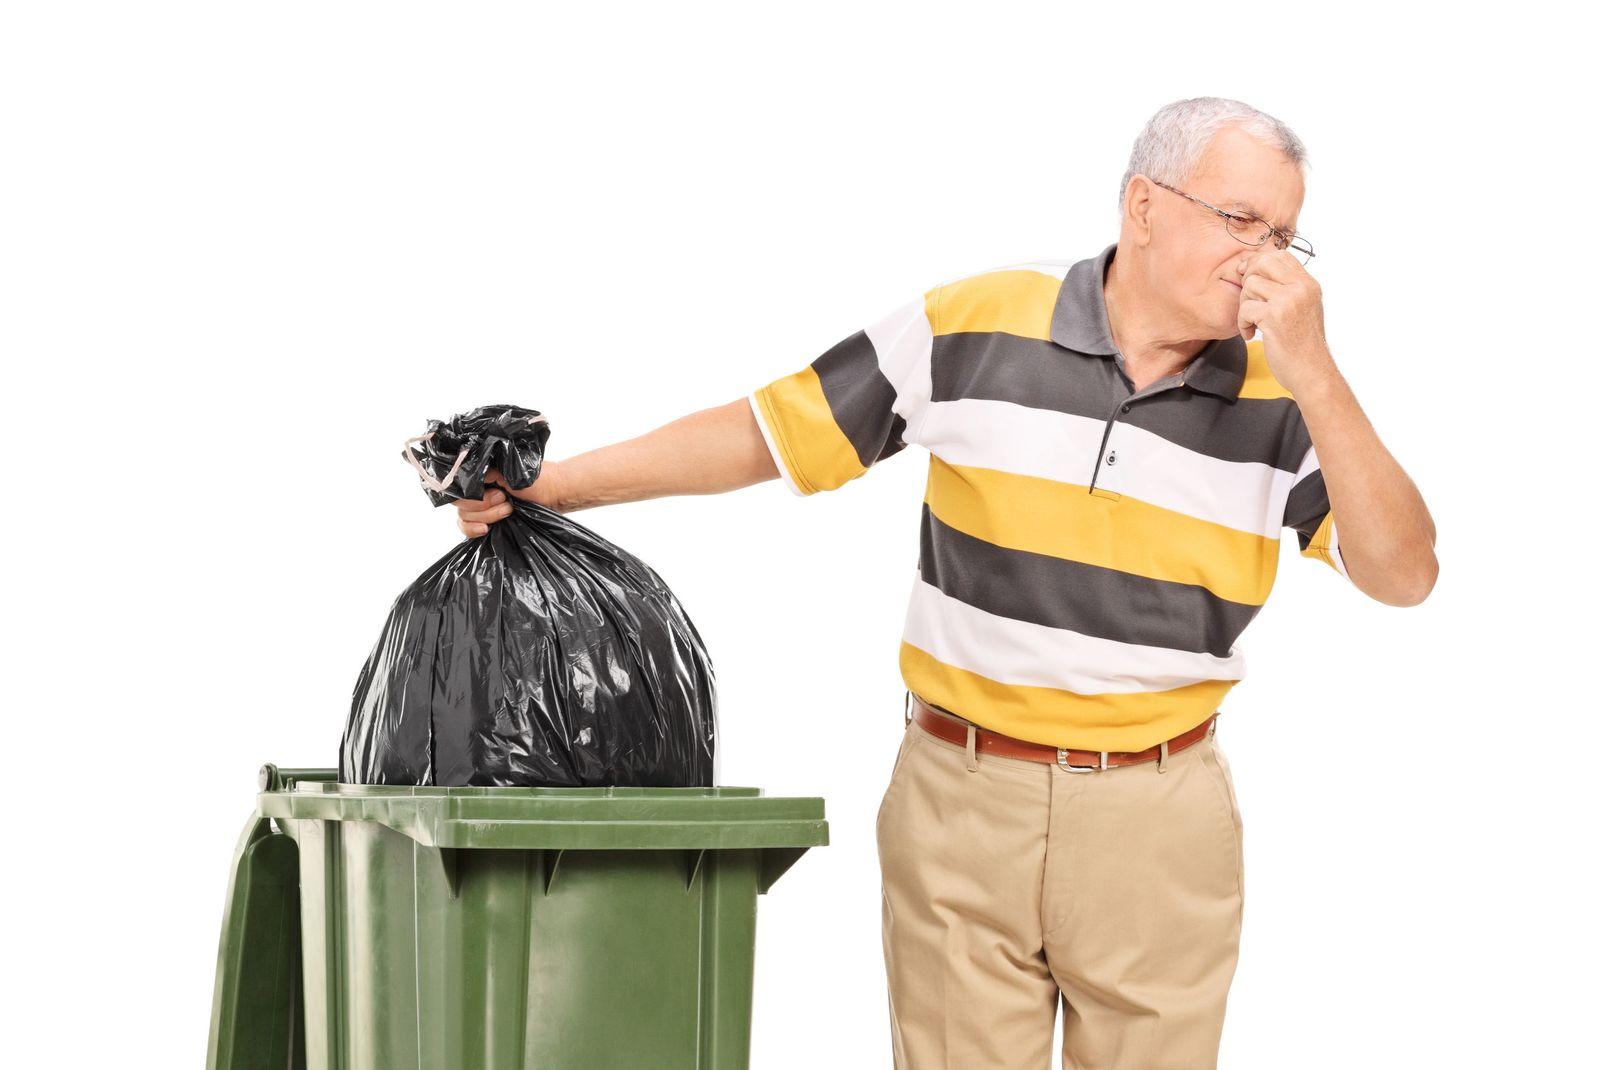 астафьева увлеклась на этой картинке мужчина выбрасывает мусор установления причины смерти